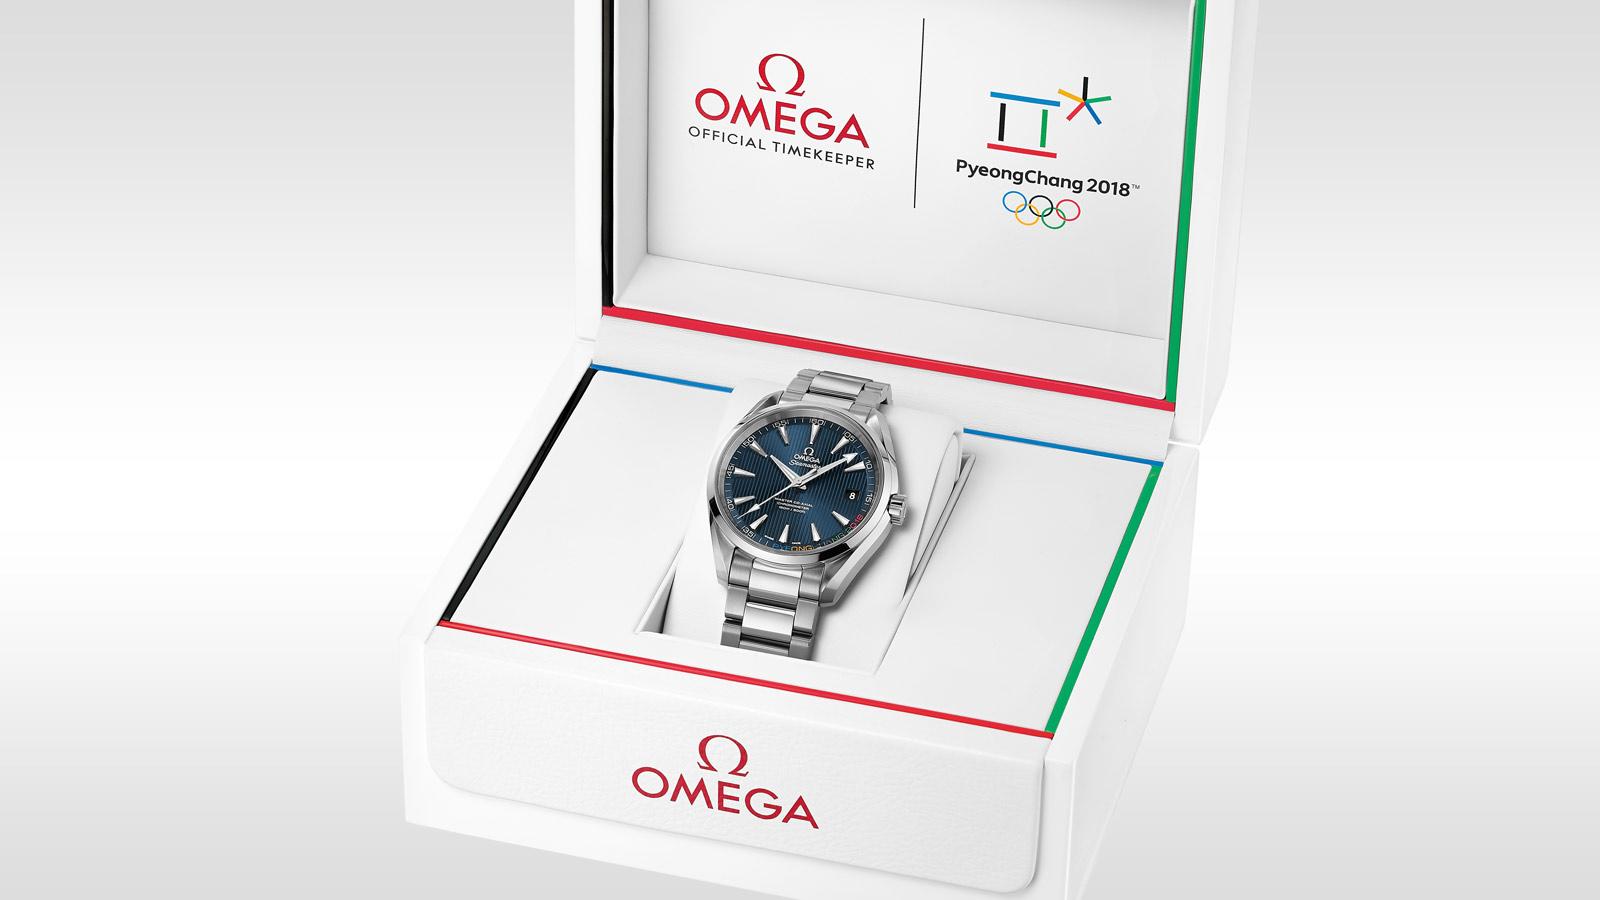 特别系列 奥林匹克系列腕表 奥林匹克系列腕表 - 522.10.42.21.03.001 - 查看 2